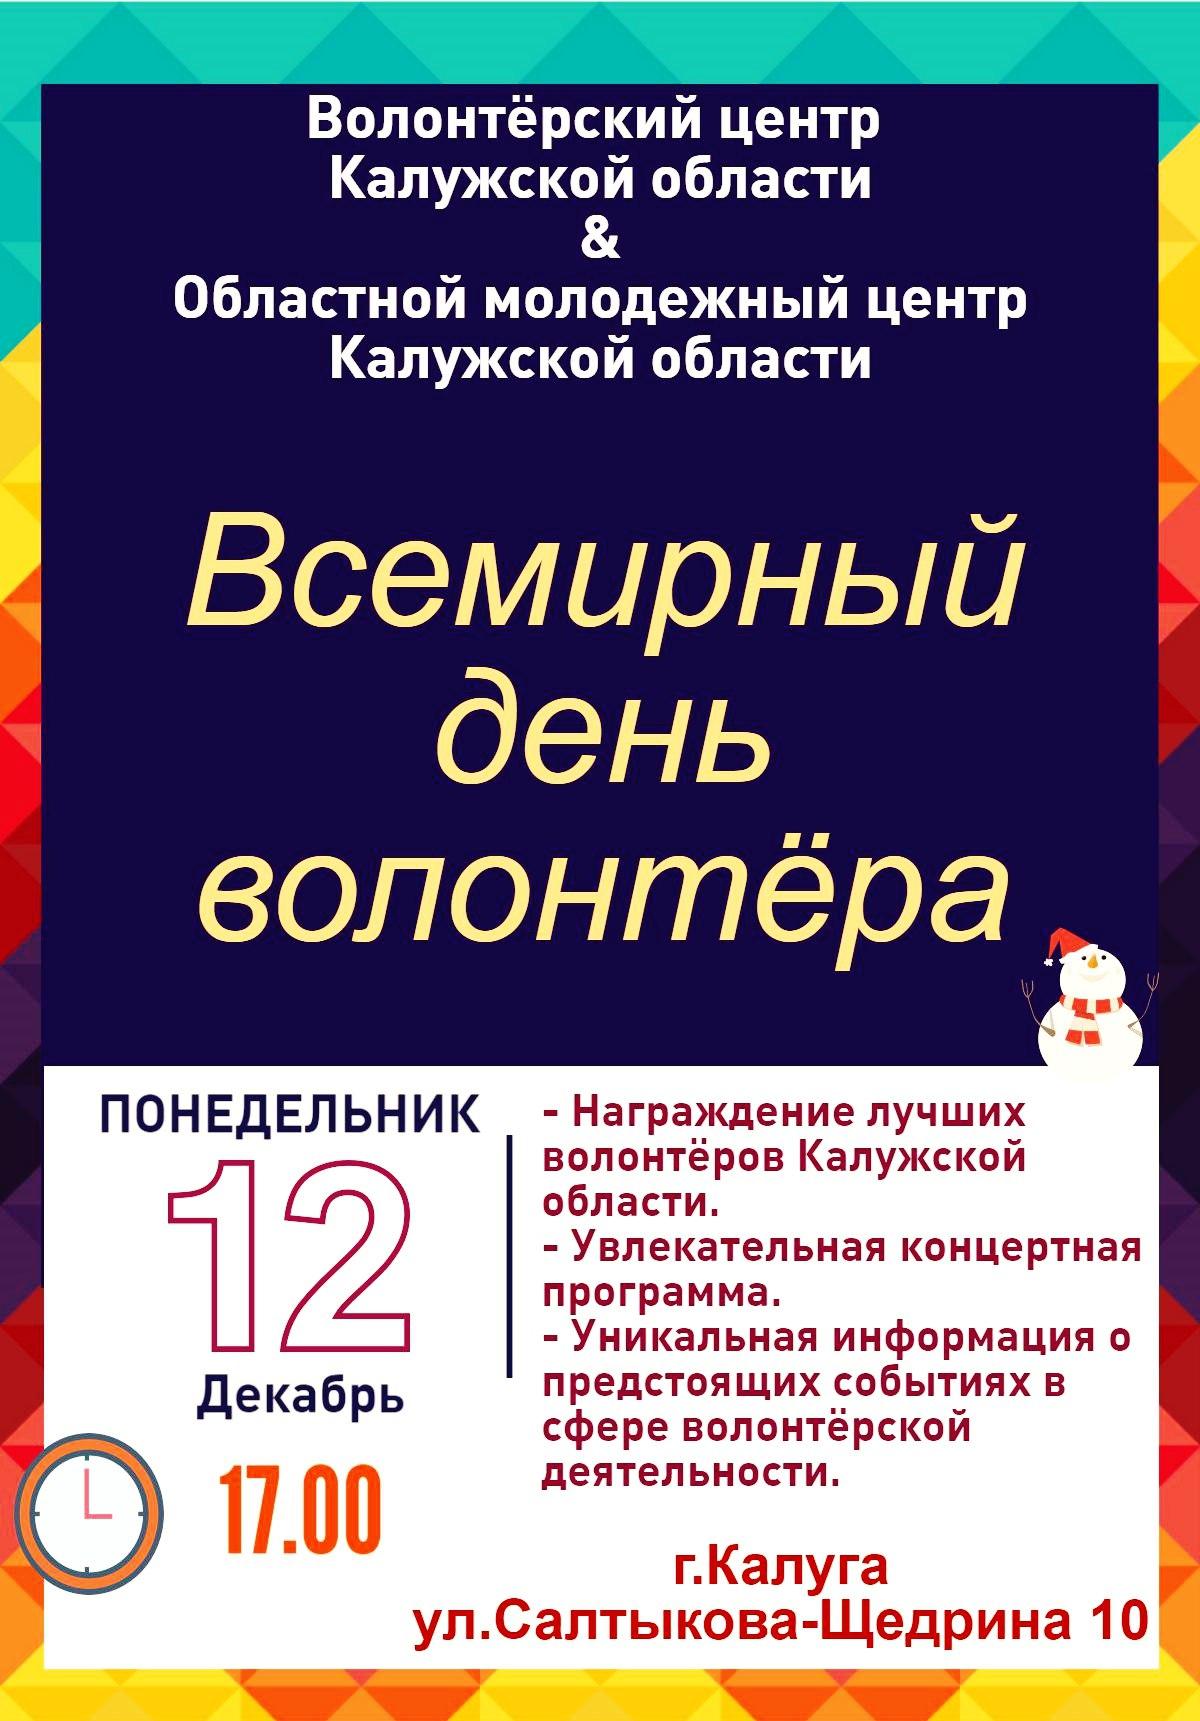 Всемирный день волонтёра в Областном молодёжном центре